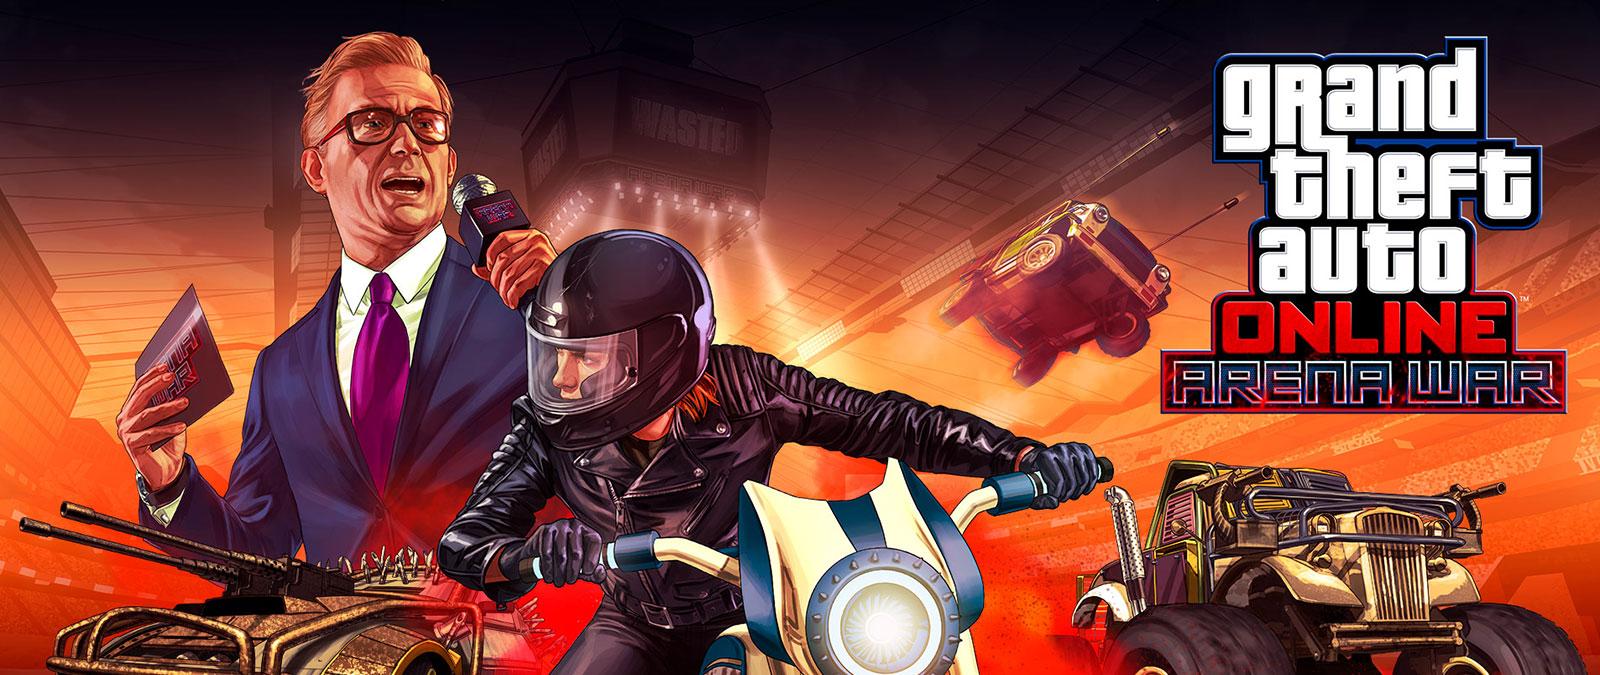 Grand Theft Auto Online Arena Wars, varios vehículos con armas montadas y un presentador de fondo.